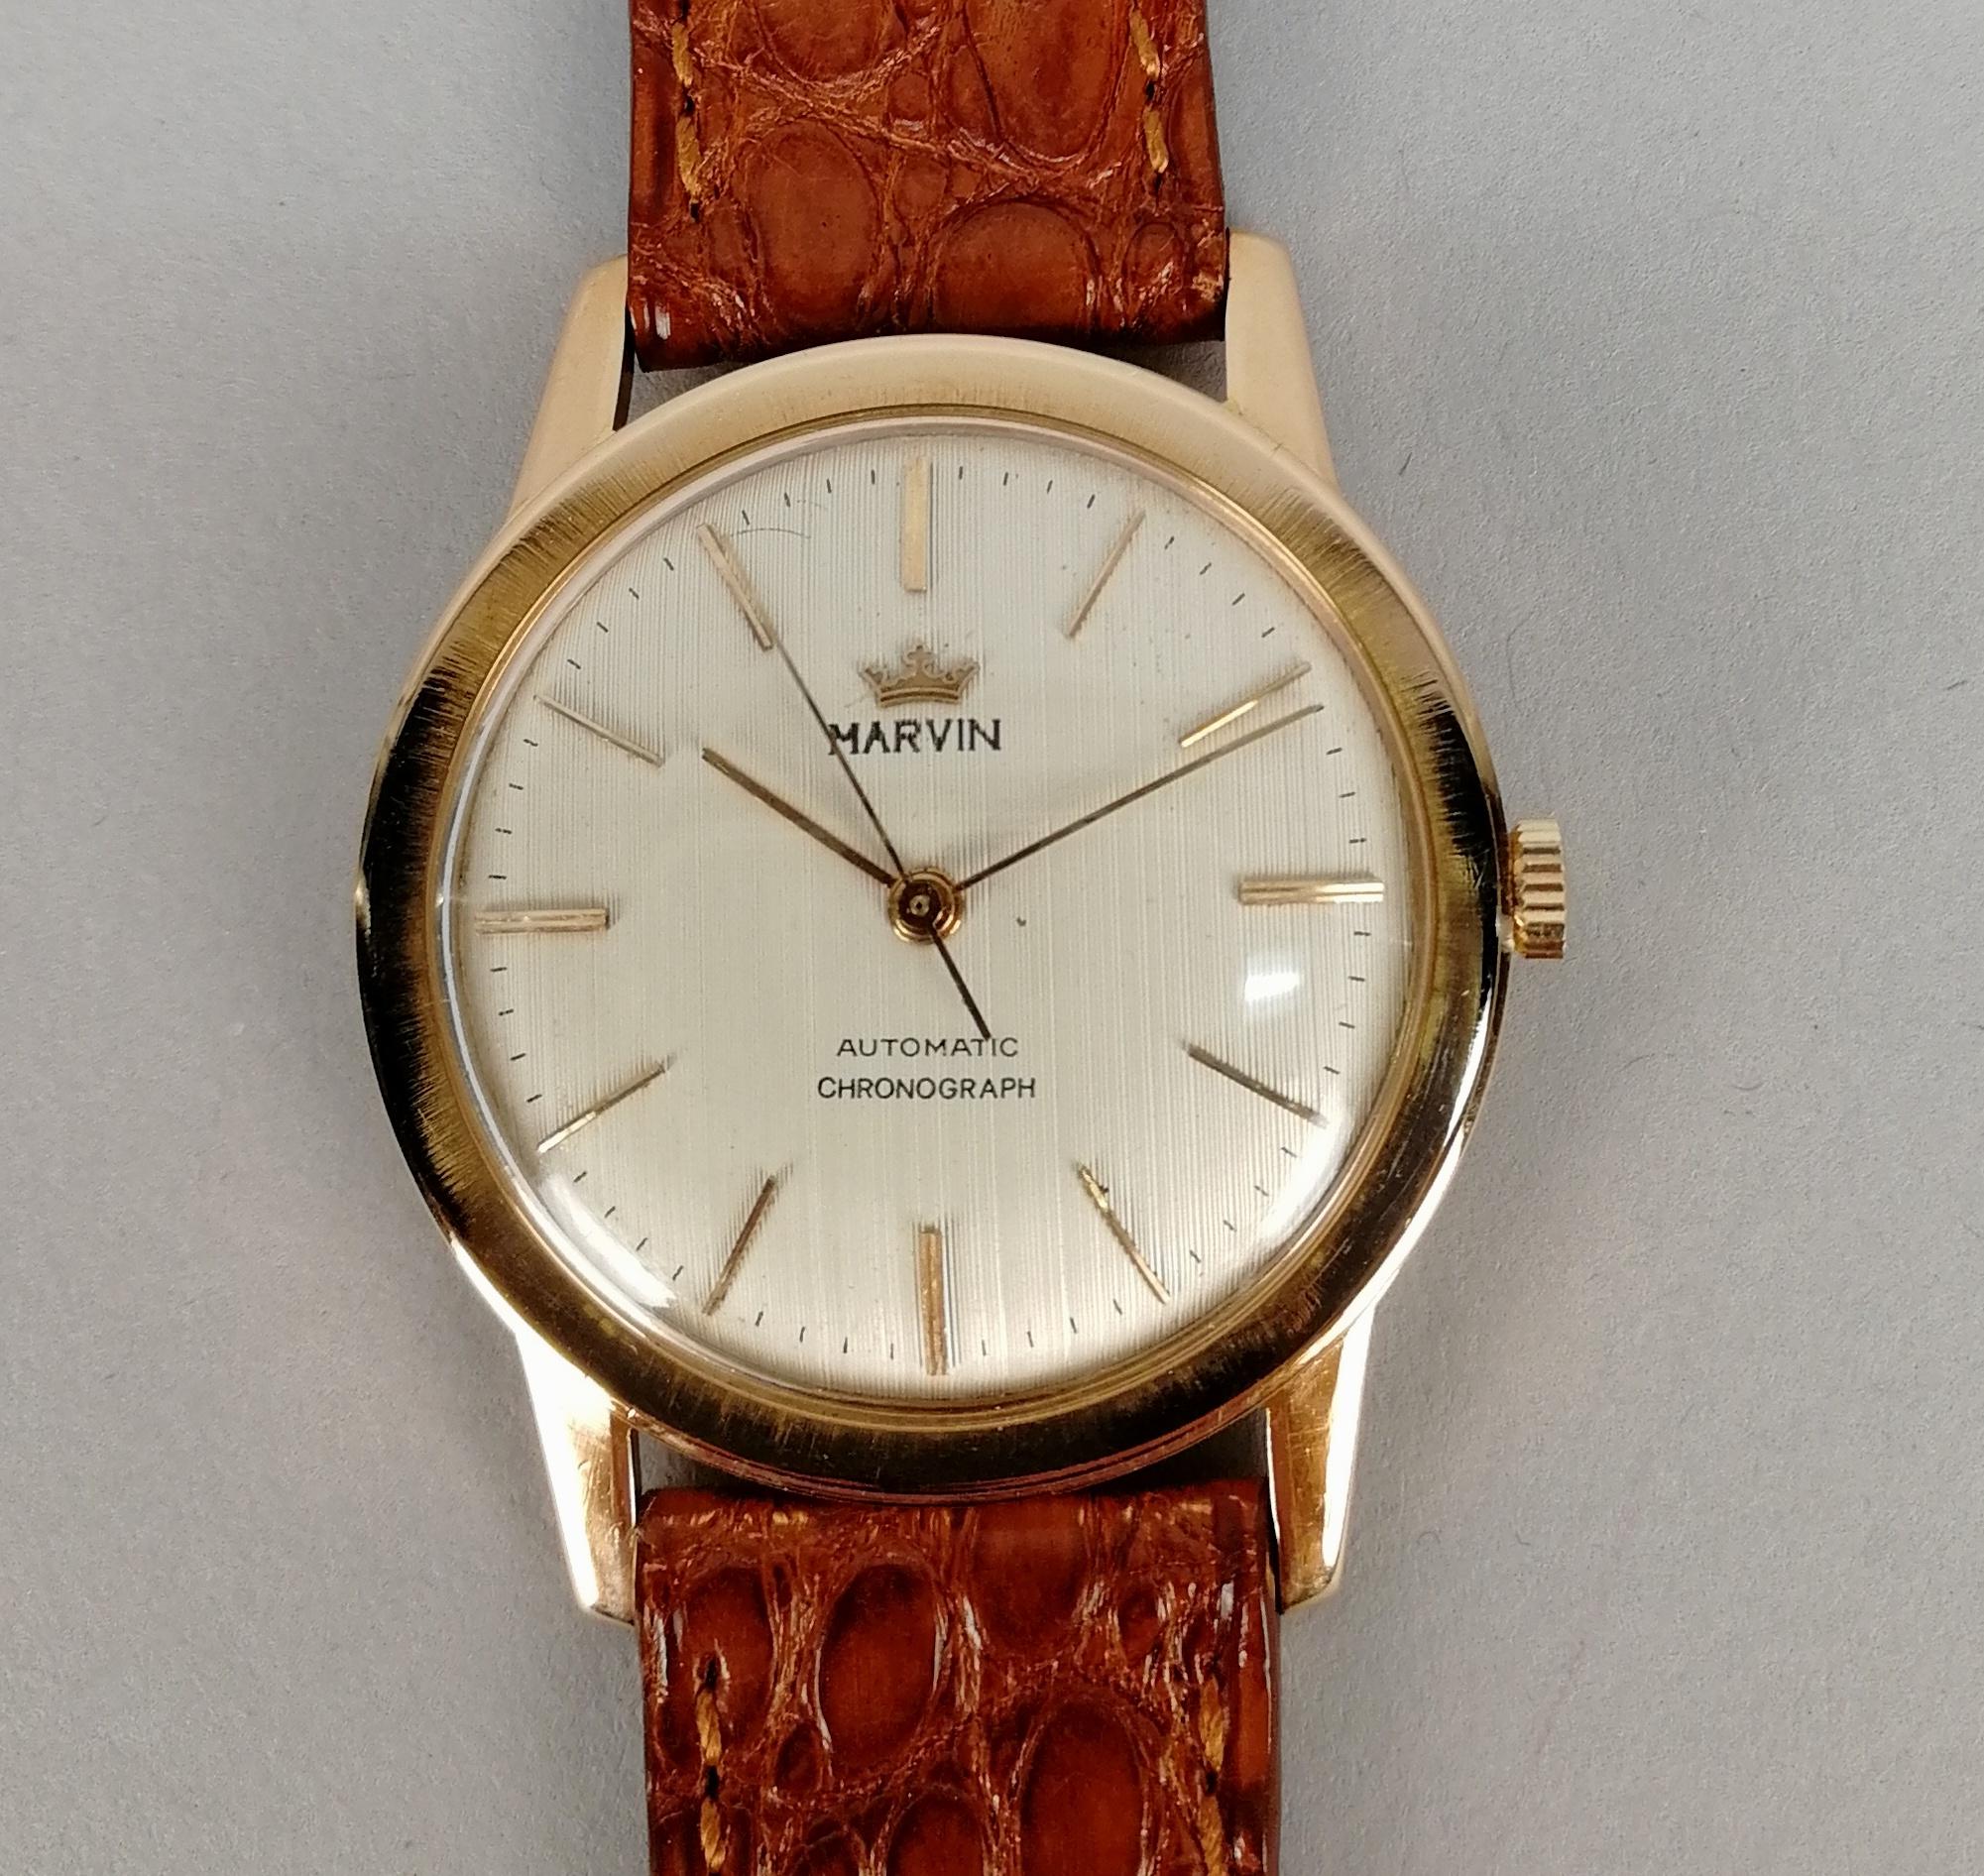 Lot 30 - MARVIN. Orologio da uomo in oro rosa 18 kt. a carica manuale. Quadrante originale. Epoca 1960.